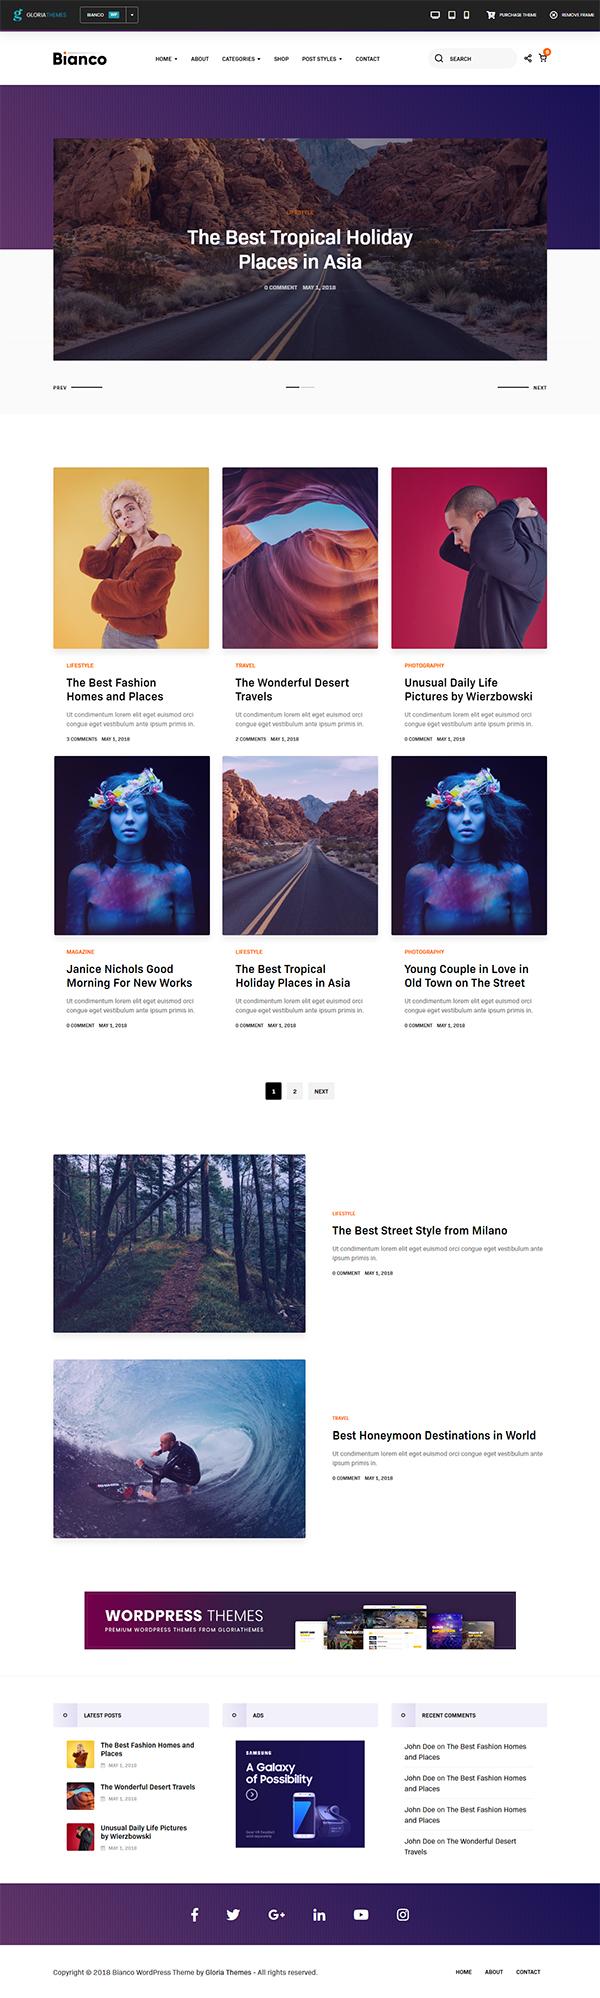 Bianco - A WordPress Blog & Shop Theme